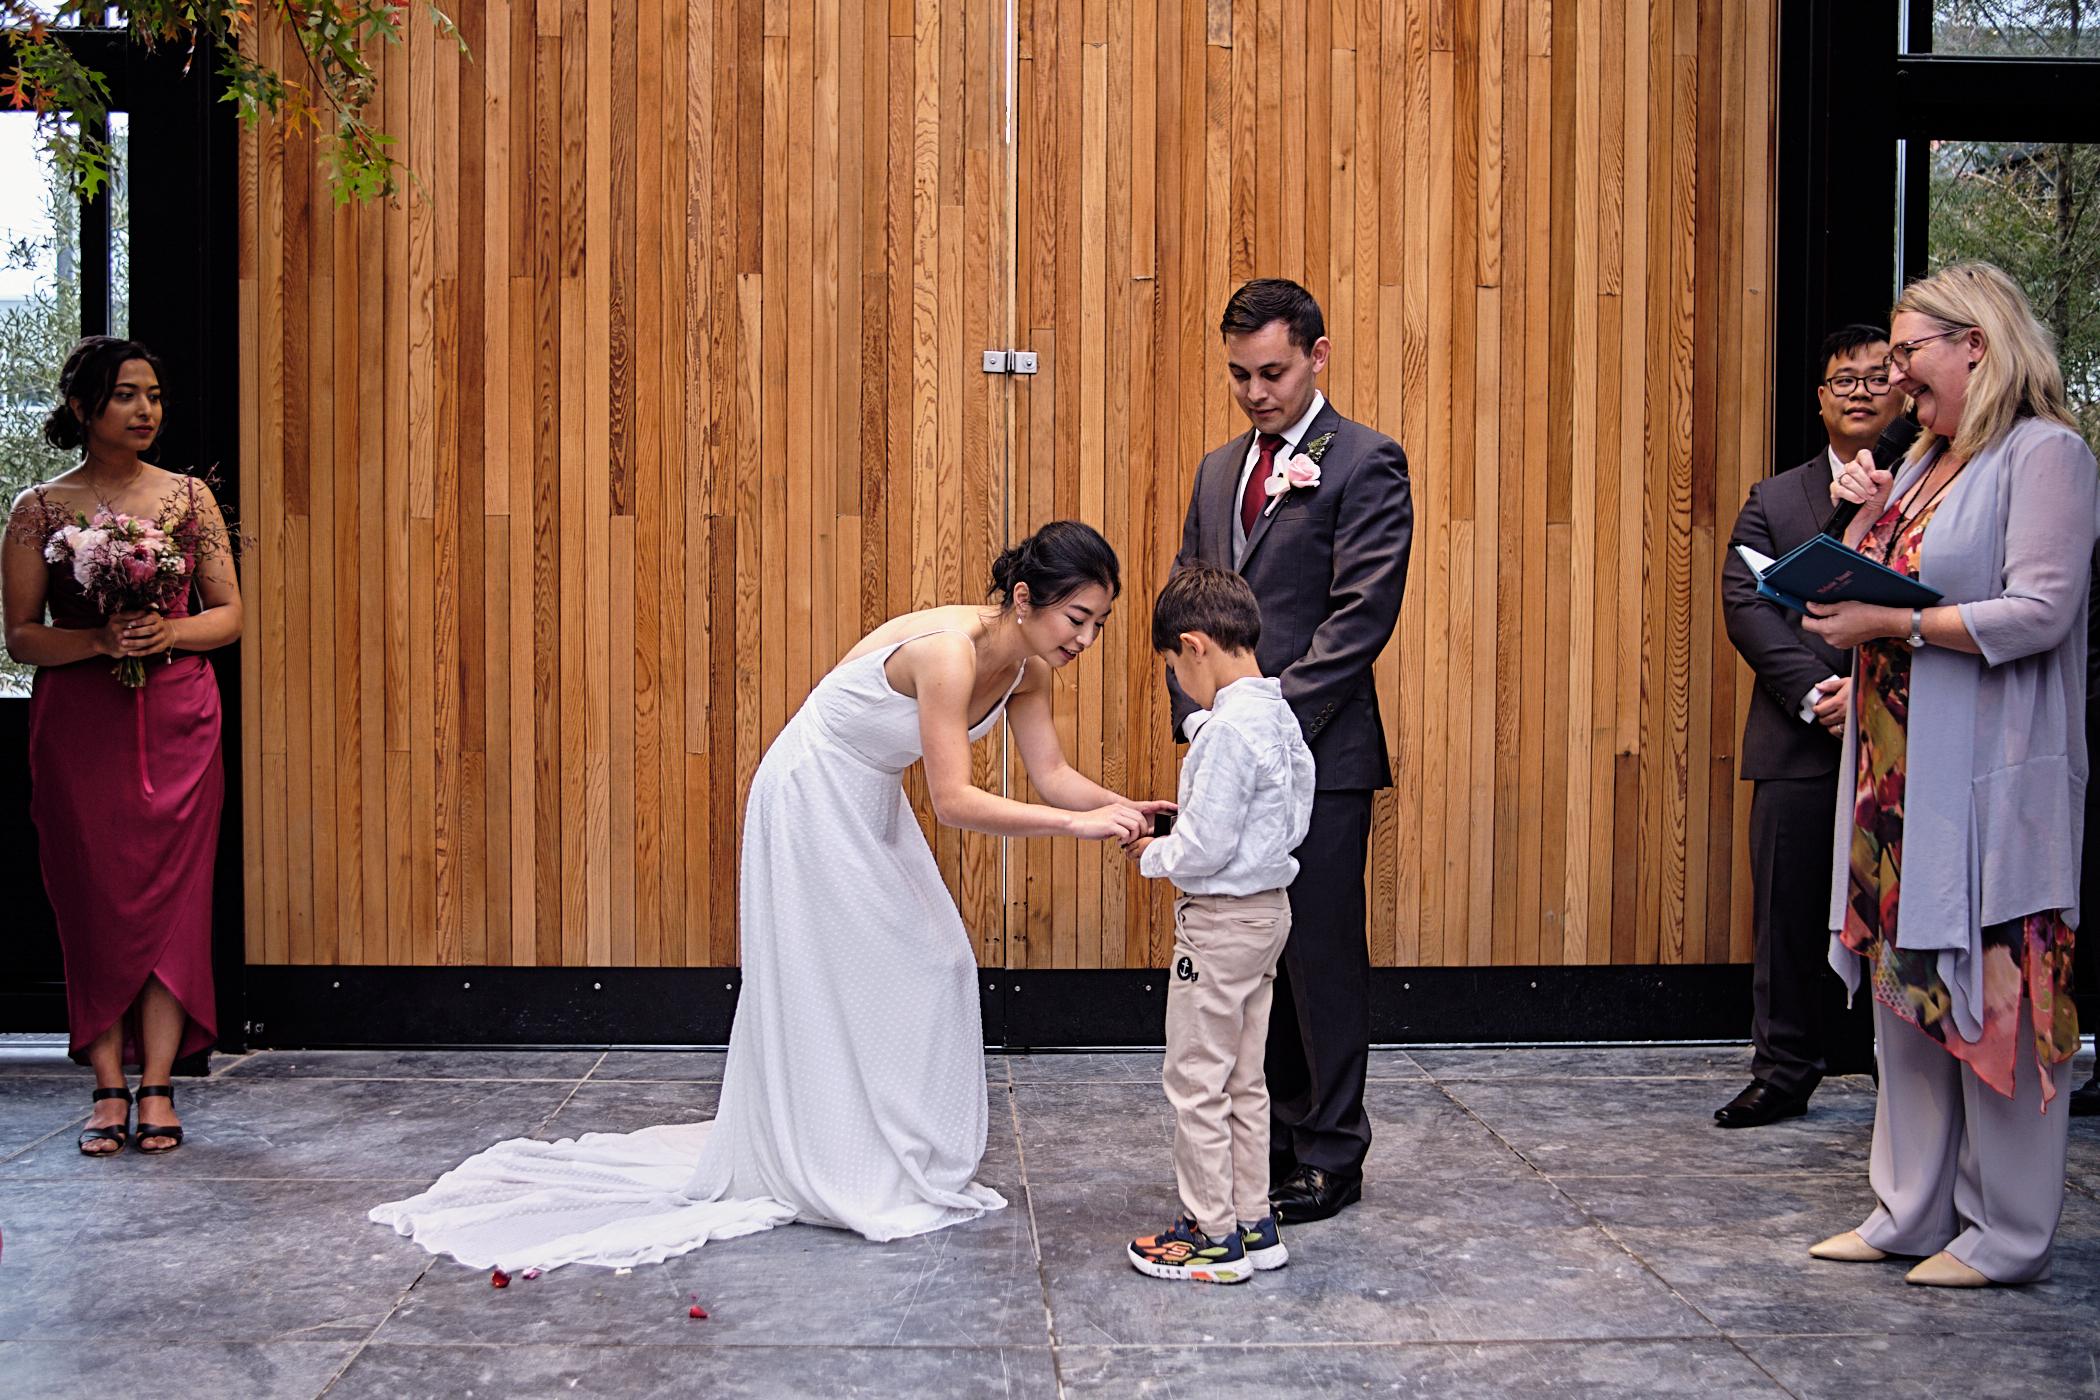 wedding photography 89374